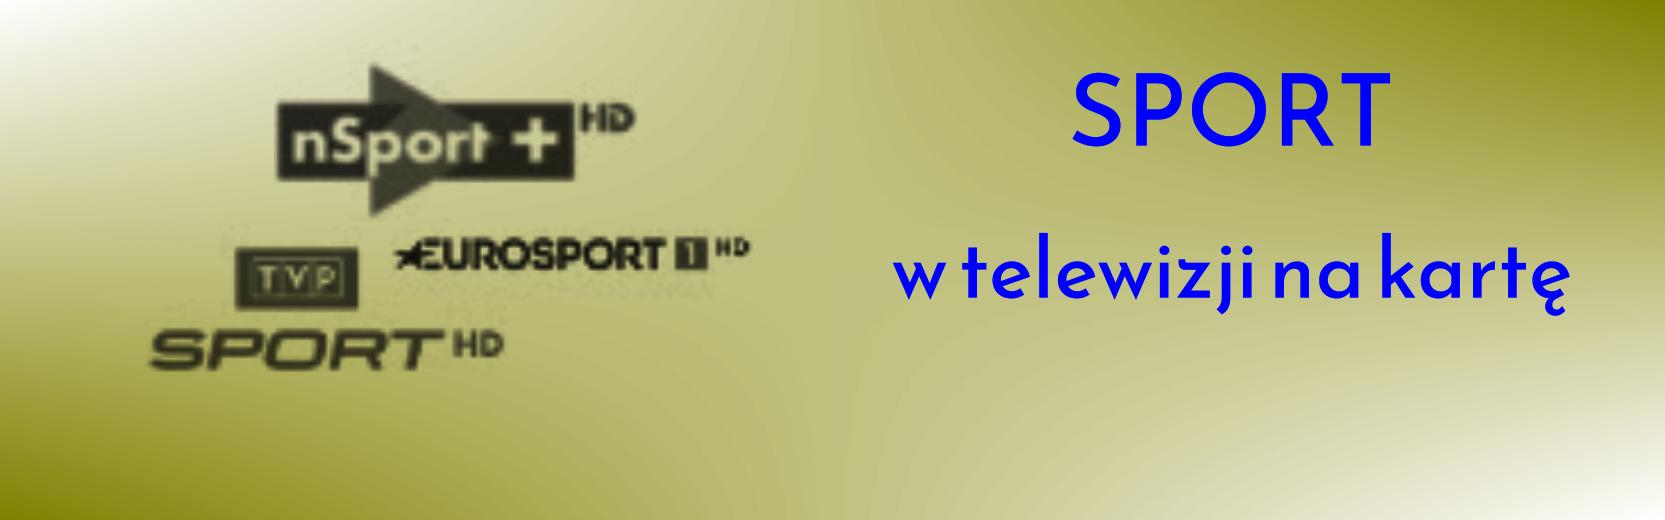 Telewizja N Na Karte Doładowanie.Tvnakarte Eu Serwis O Ofertach Telewizji Na Karte Ważność